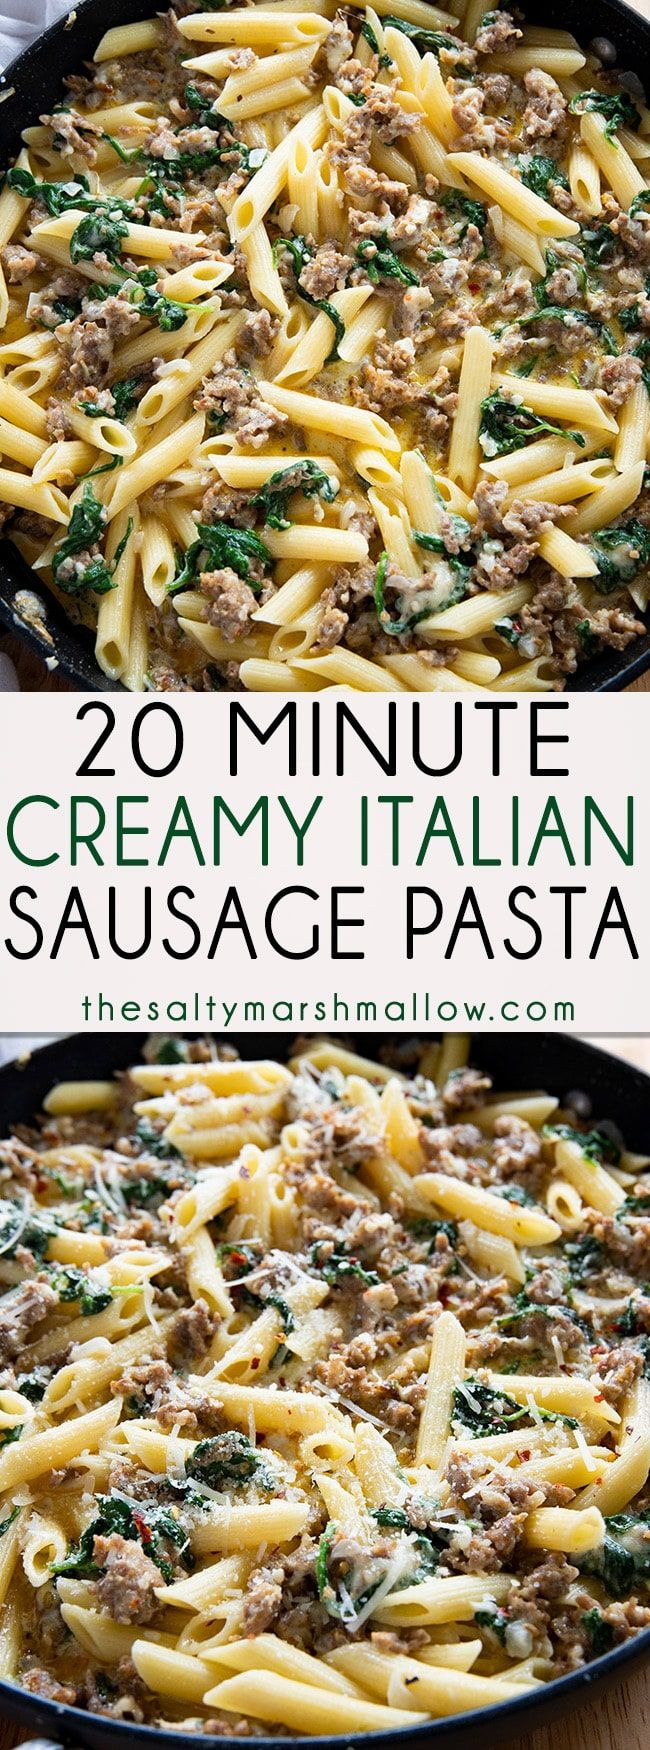 Creamy Italian Sausage Pasta #favourites